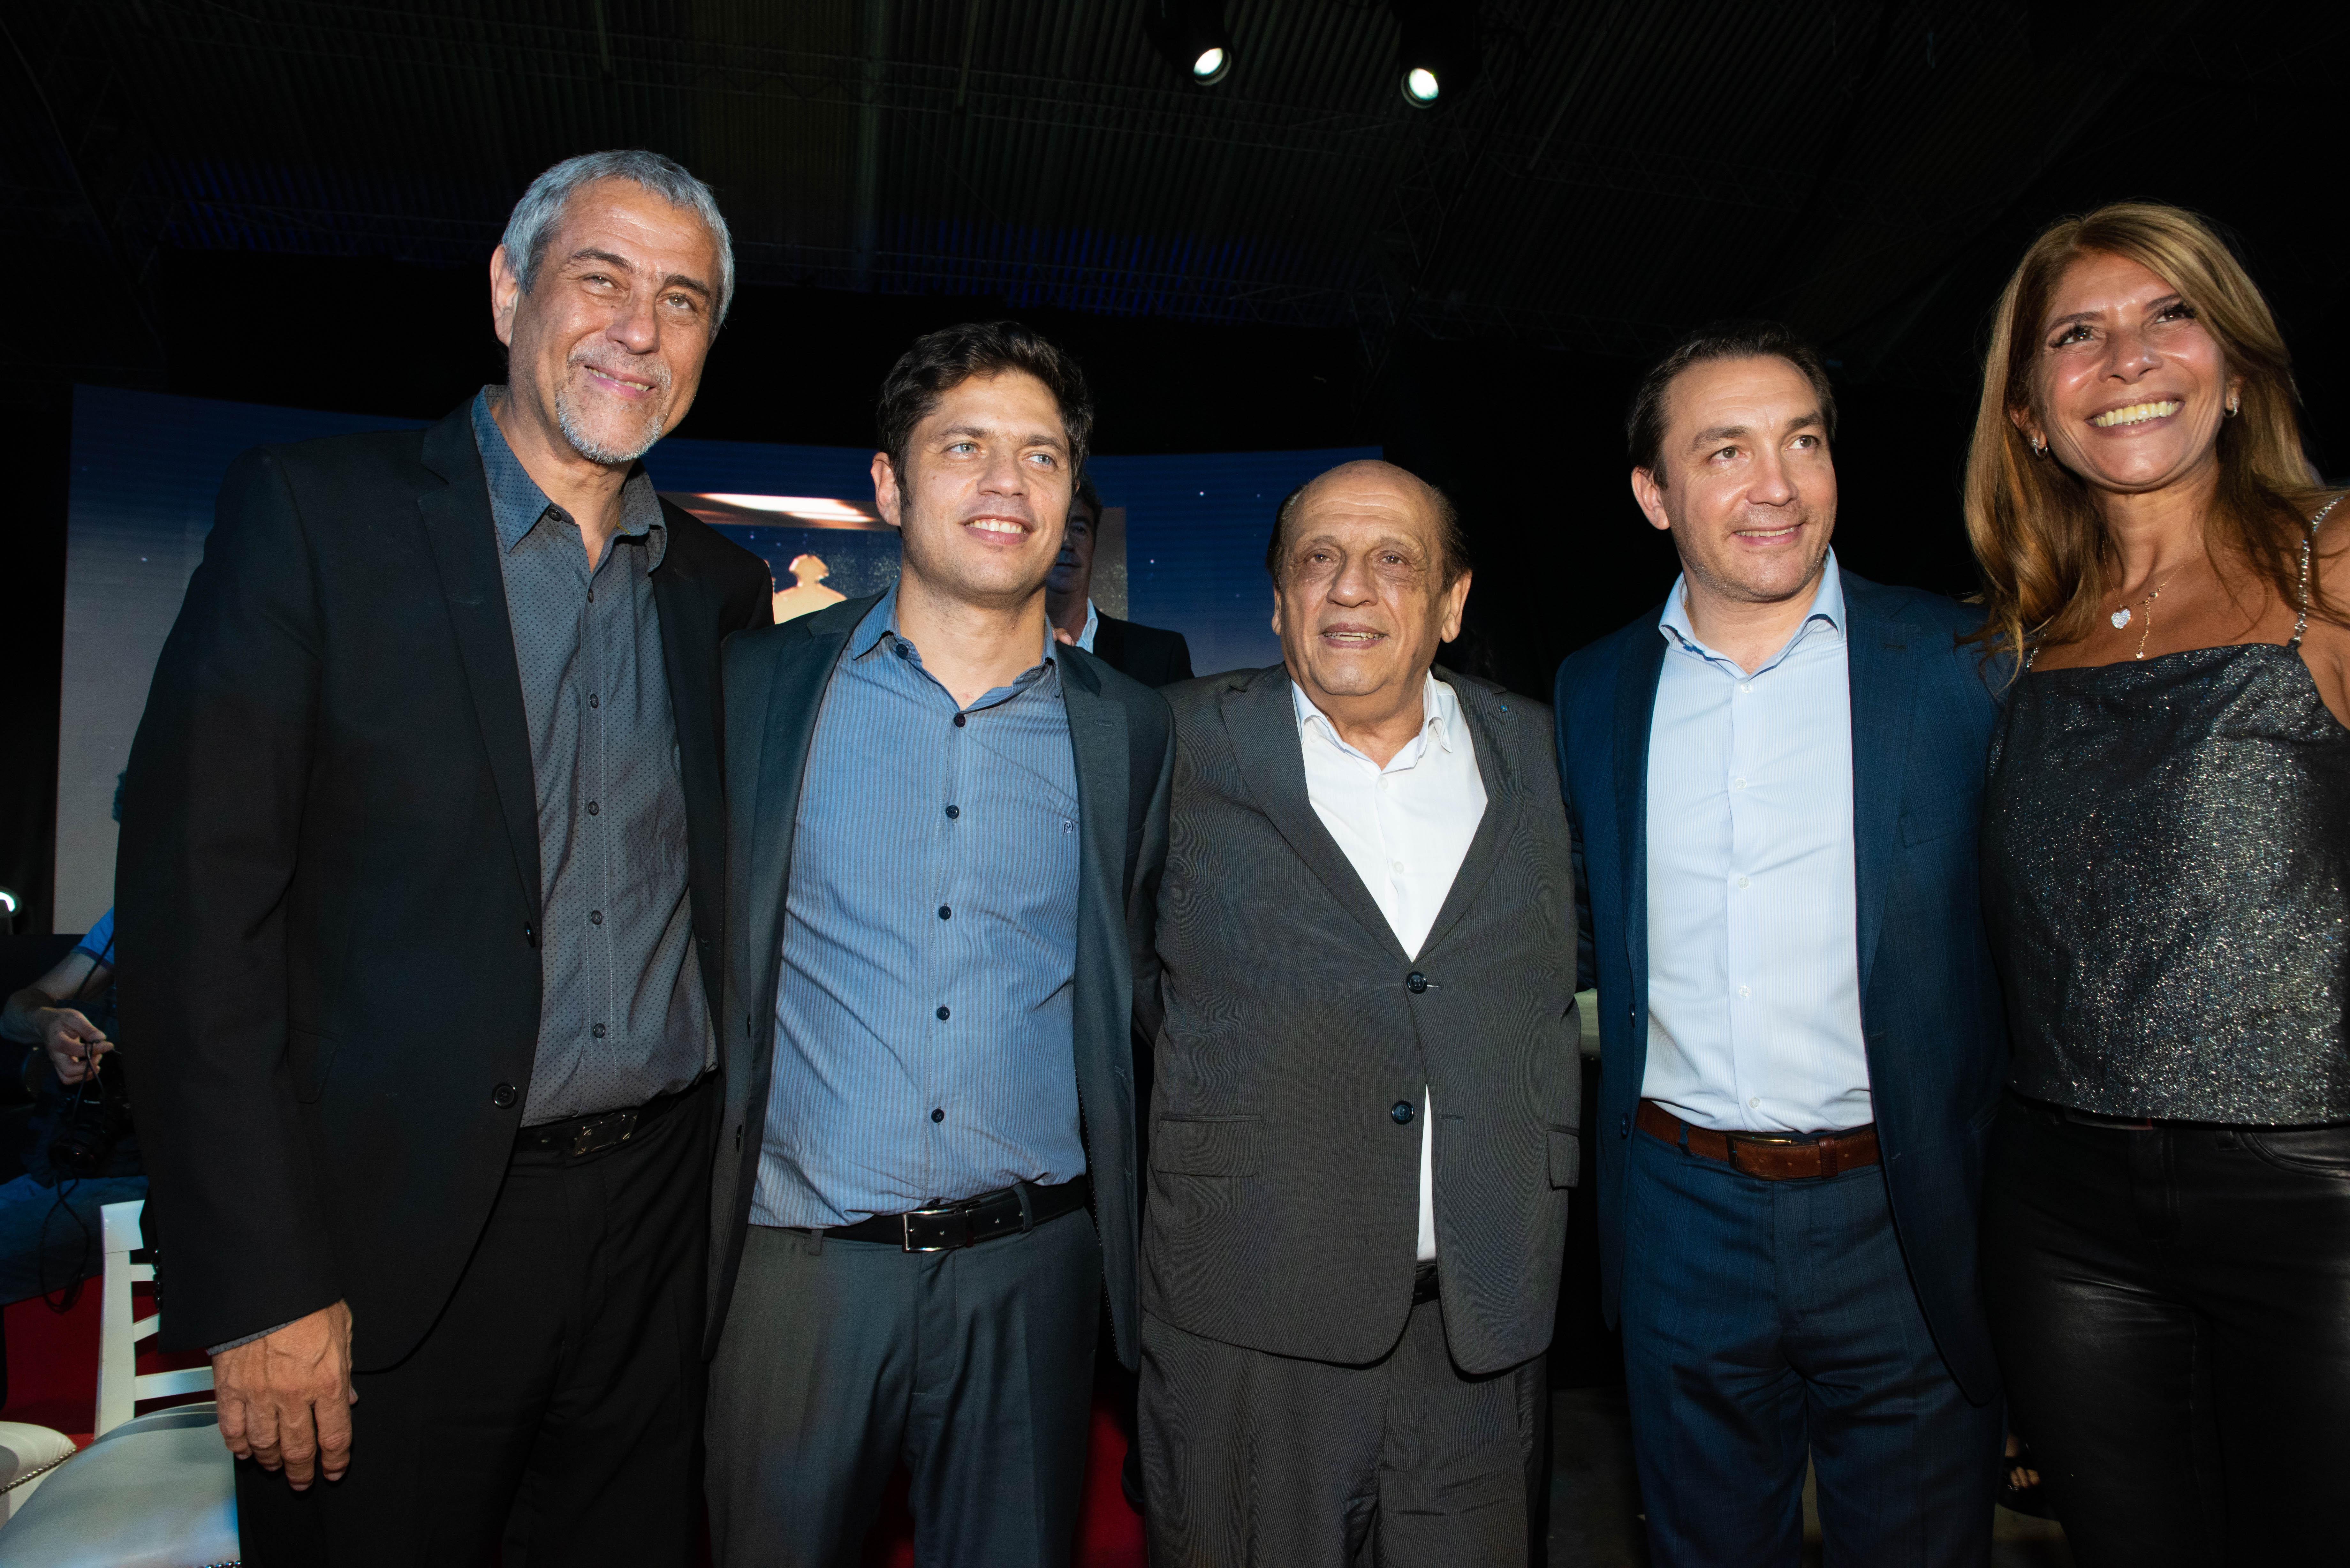 Jorge Ferarresi (intendente de Avellaneda), Axel Kicillof (gobernador de Buenos Aires), Juan José Mussi (intendente de Berazategui) y Andrés Watson (intendente de Florencio Varela).